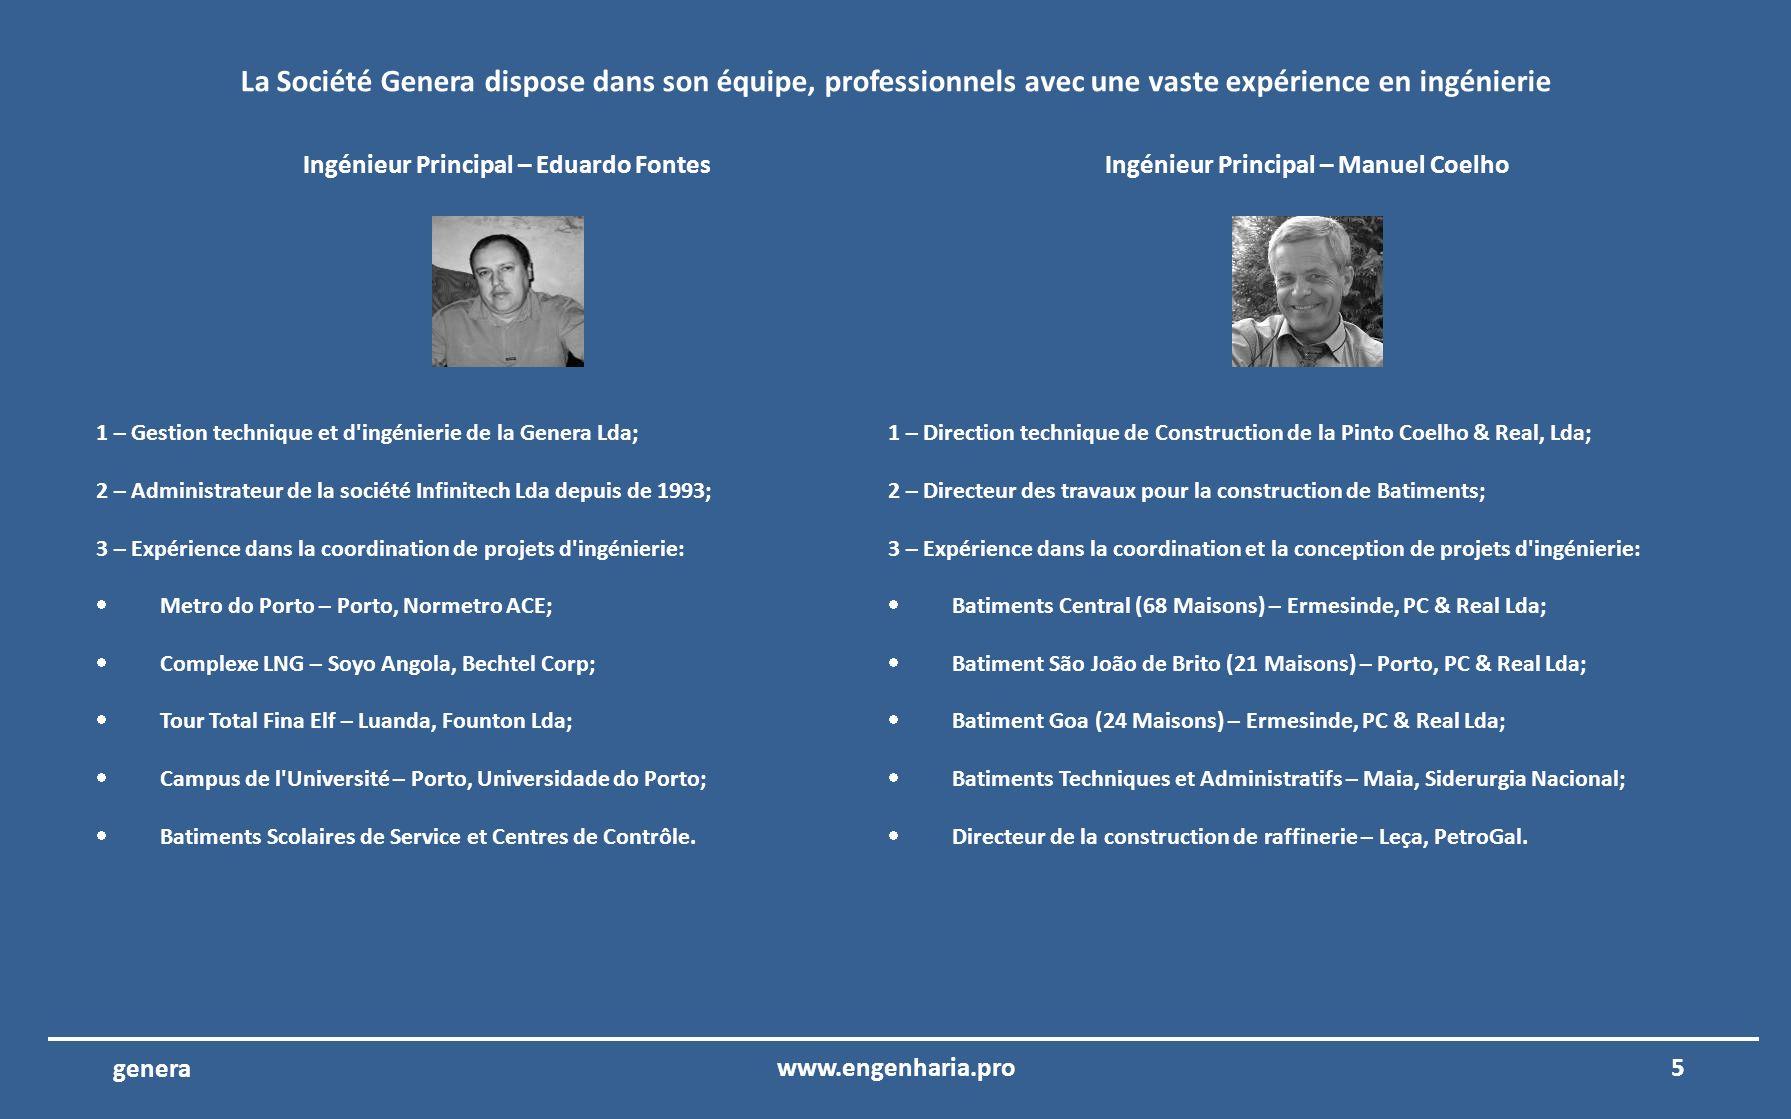 La Société Genera dispose dans son équipe, professionnels avec une vaste expérience en ingénierie